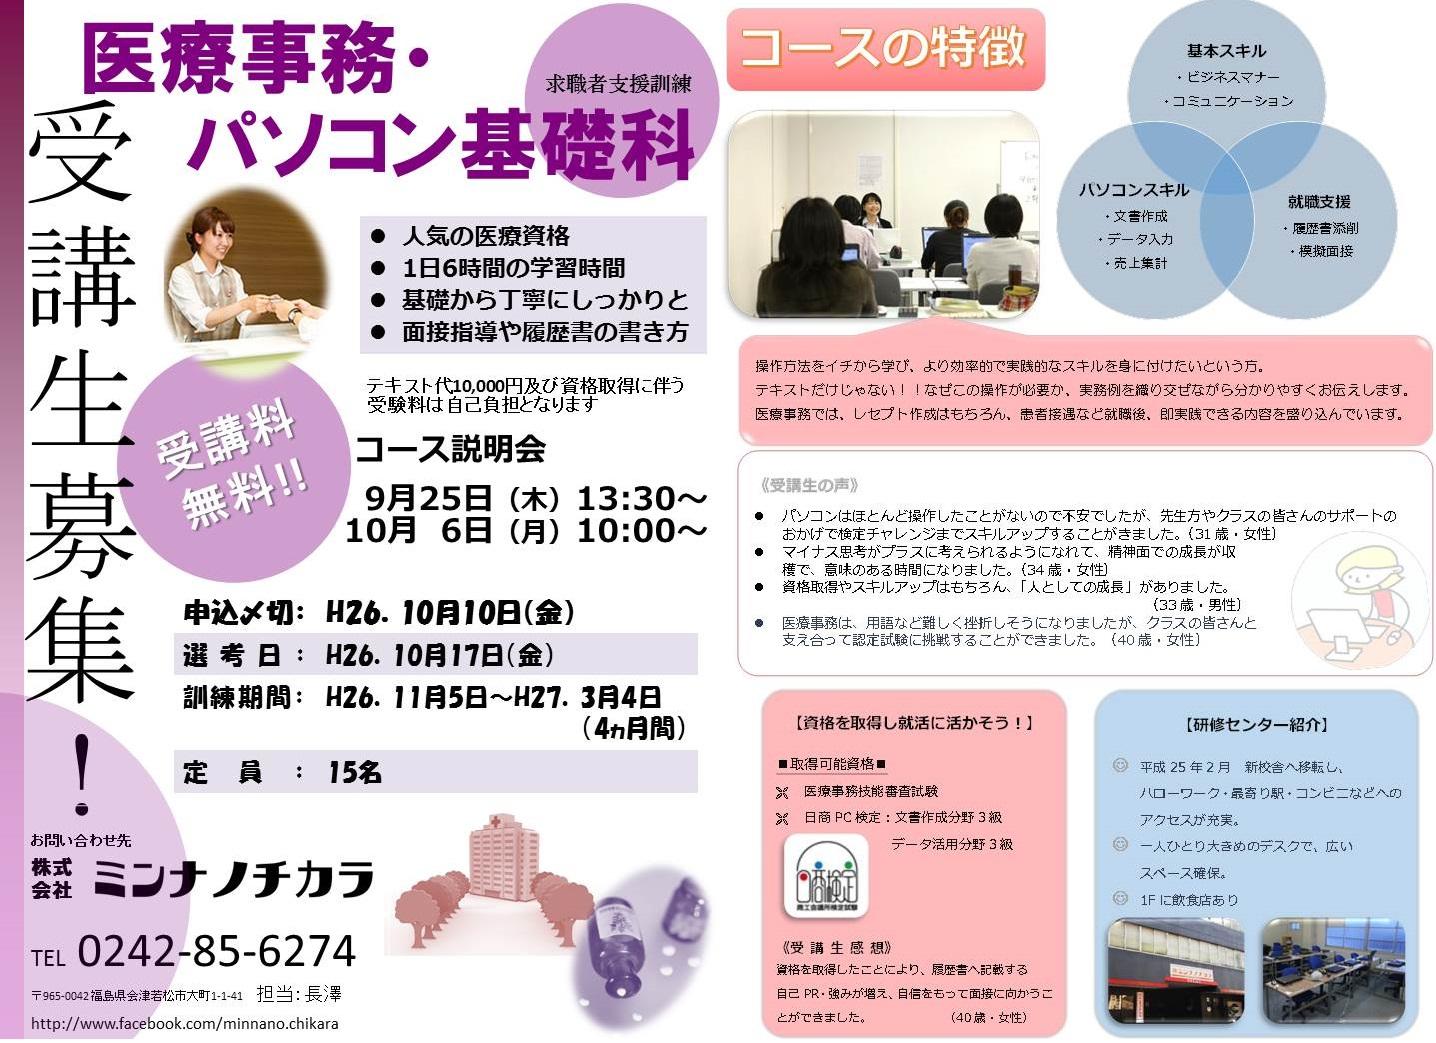 医療事務・パソコン基礎科